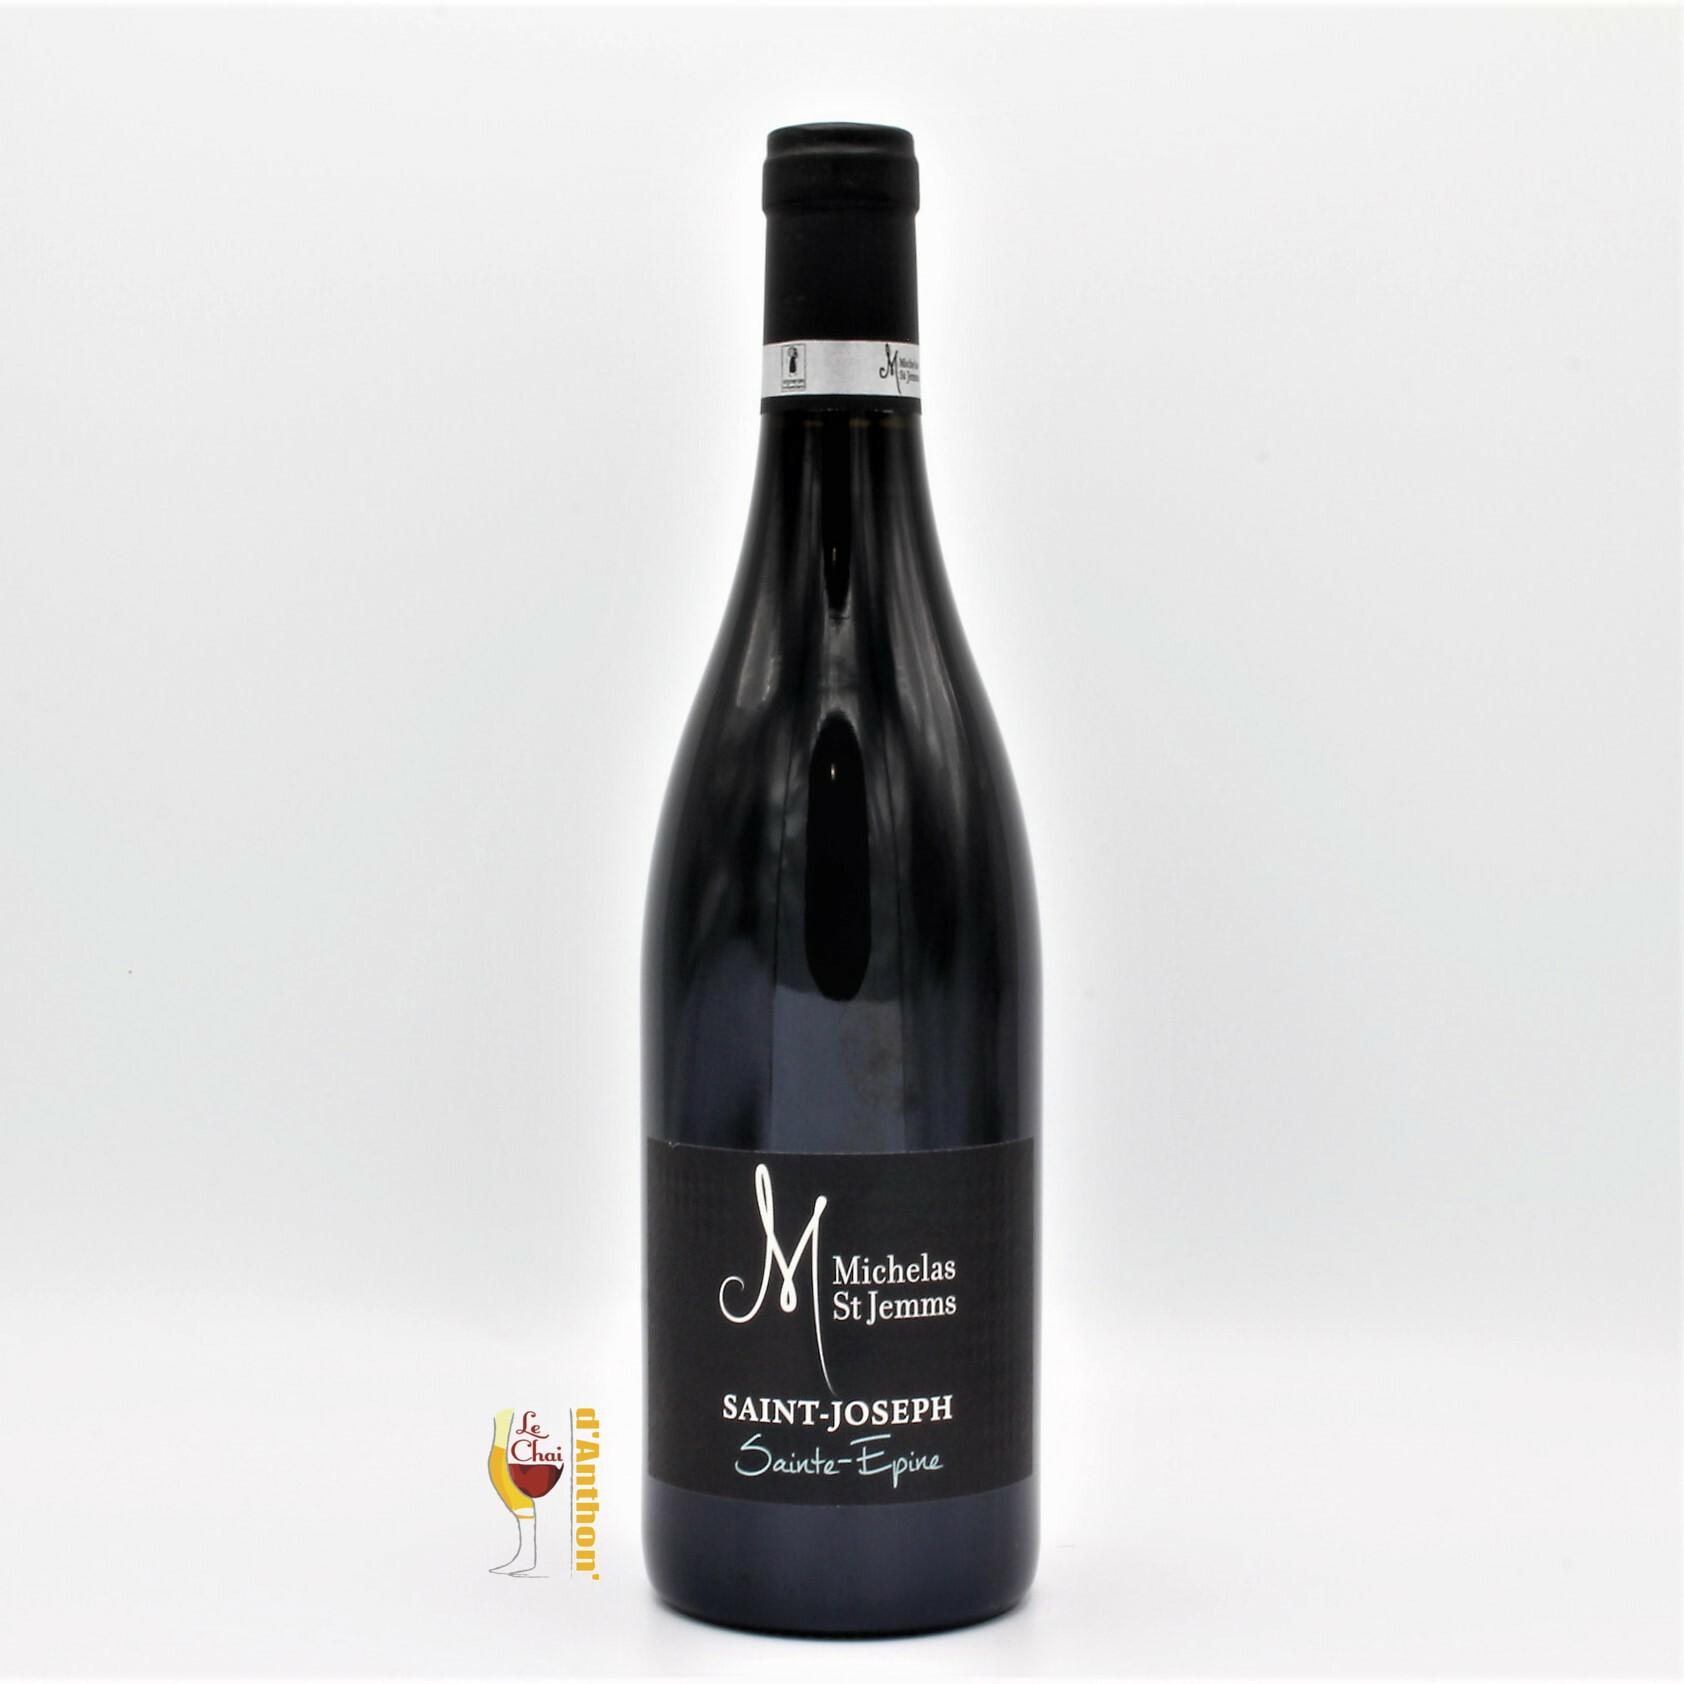 Vin Bouteille Rouge Rhone Saint Joseph Michelas Saint St Jemms 75cl